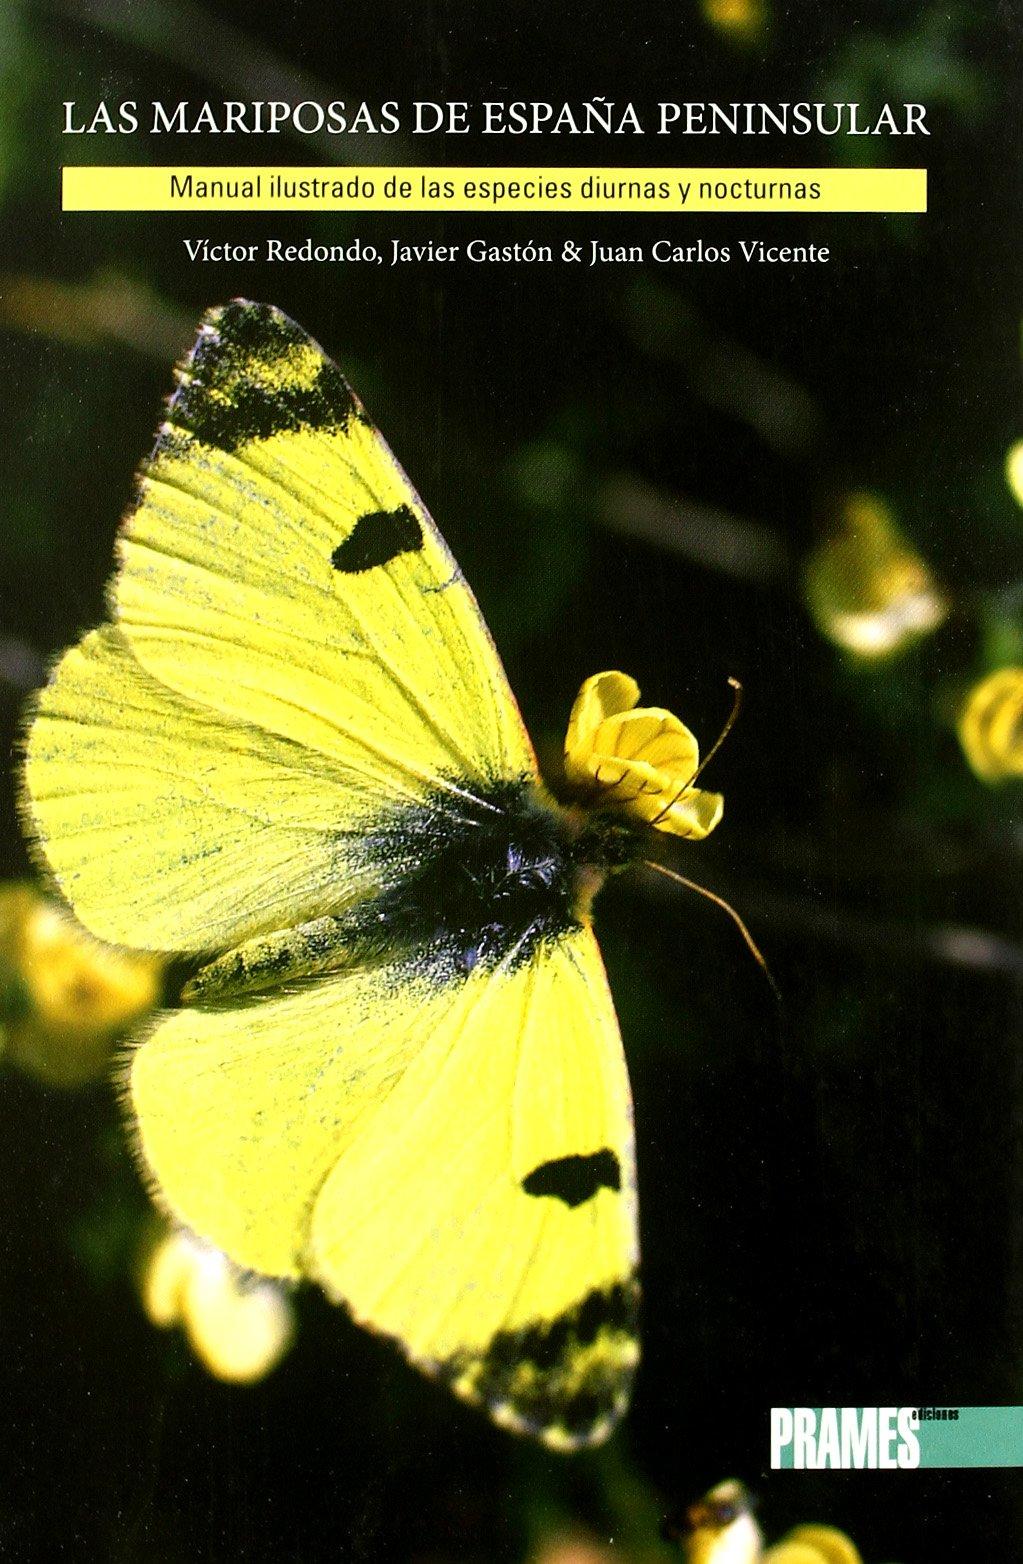 Mariposas De España Peninsular, Las Guias De La Naturaleza: Amazon.es: Redondo, Victor, Gaston, Javier, Vicente, Juan Carlos: Libros